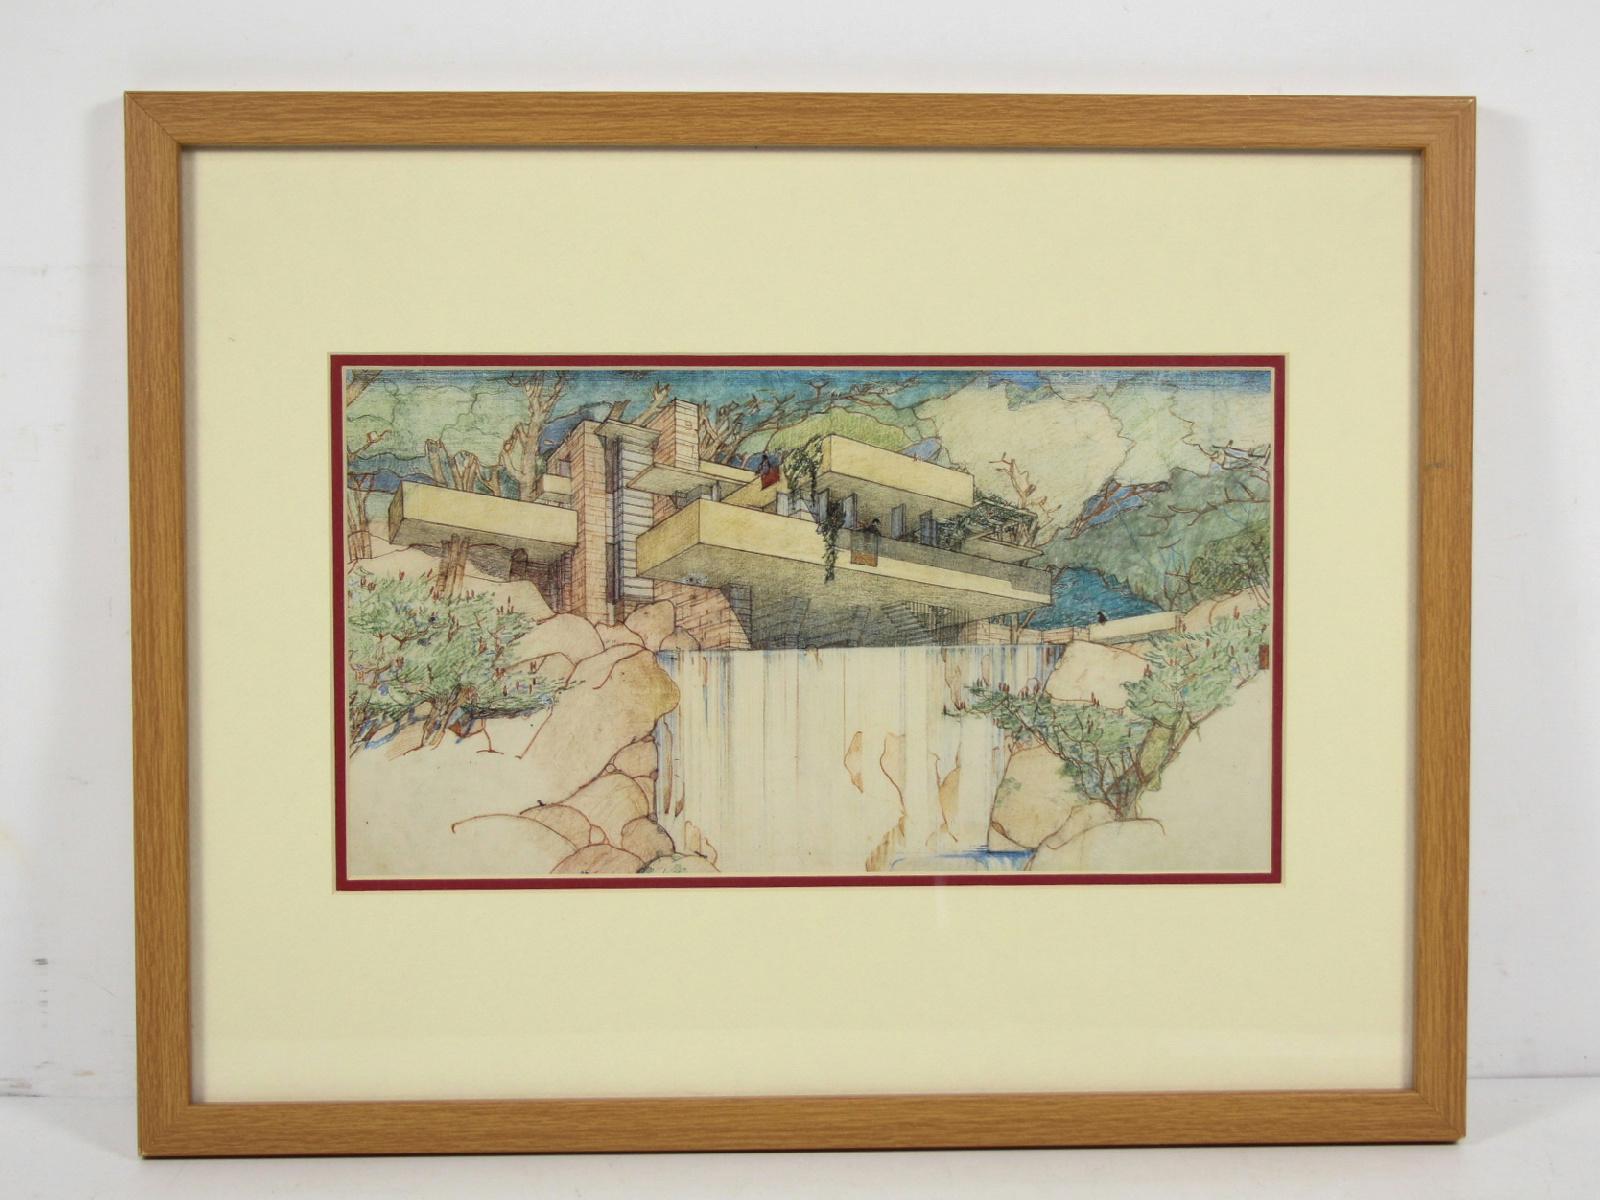 Vintage Fallingwater Print Frank Lloyd Wright Ebay